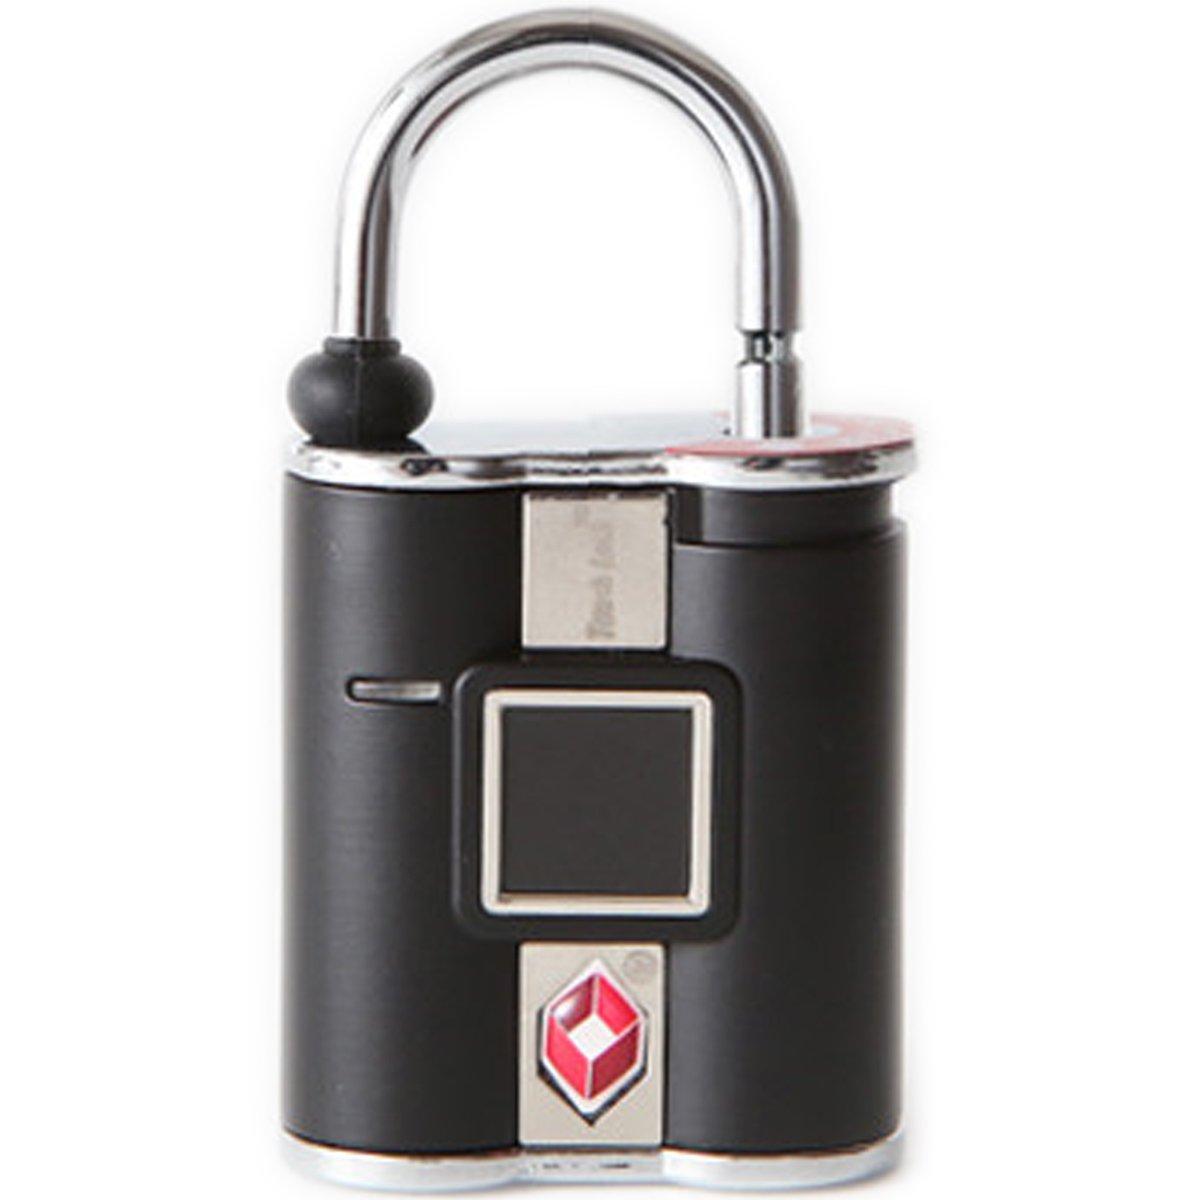 鍵の要らない指紋認証型スマート南京錠「TouchLock(タッチロック)」 TSA ブラック TSAロック対応済み B0784WLKXN  ブラック